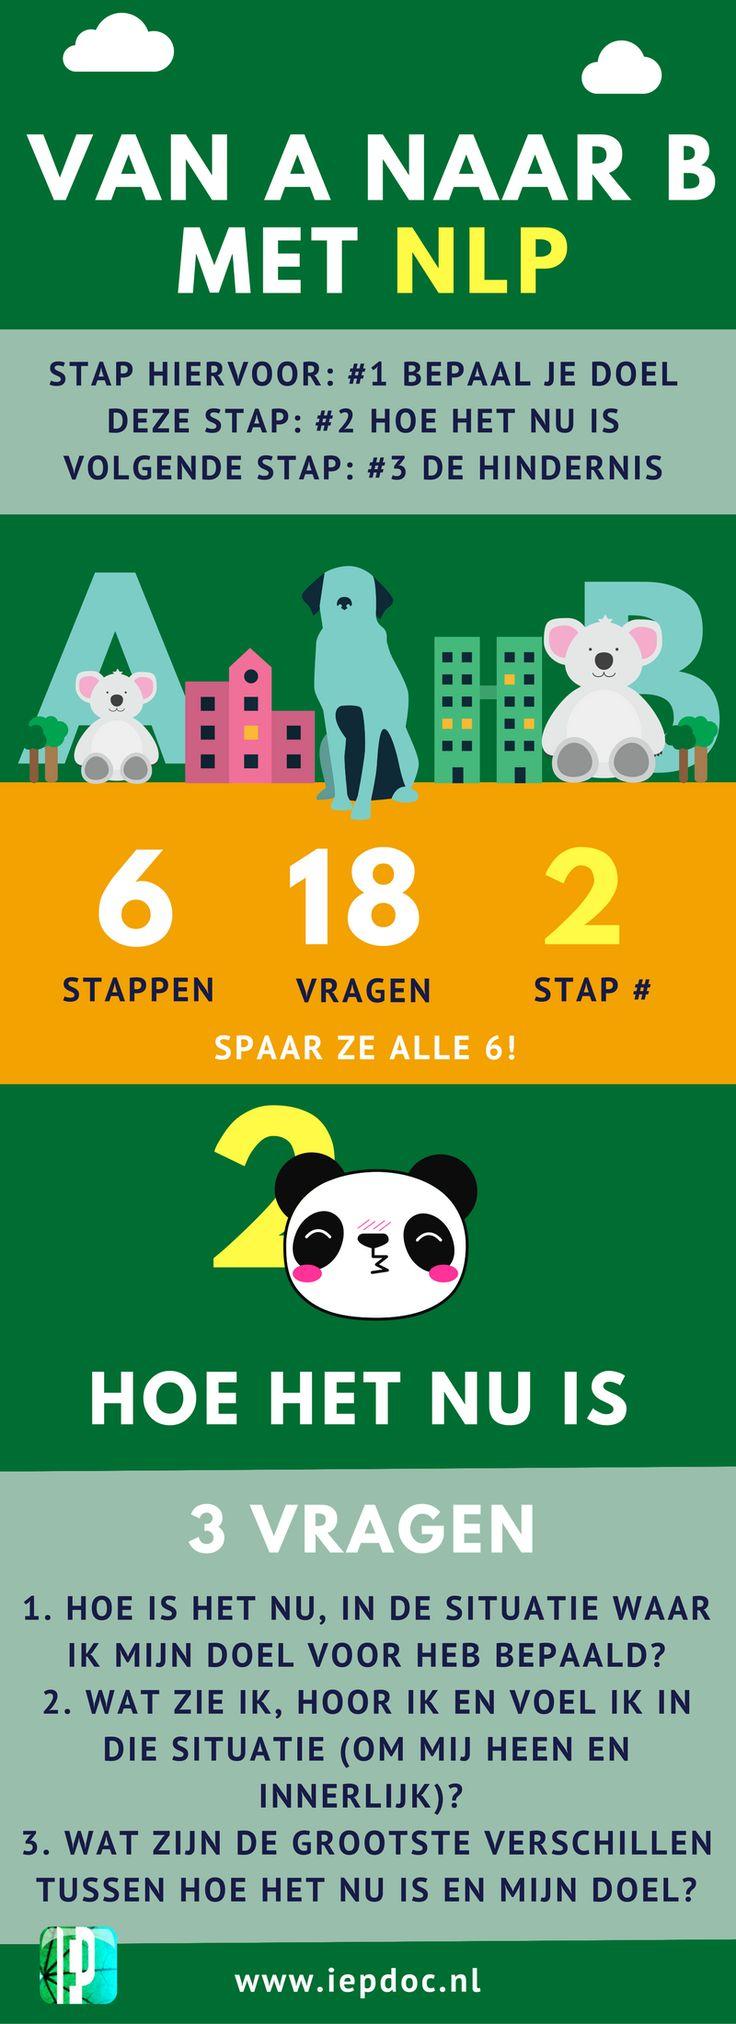 NLP - Van A naar B met NLP. Dit is de tweede van 6 infographics over de basics van NLP. Nummer 2: Hoe het nu is. Spaar ze allemaal!